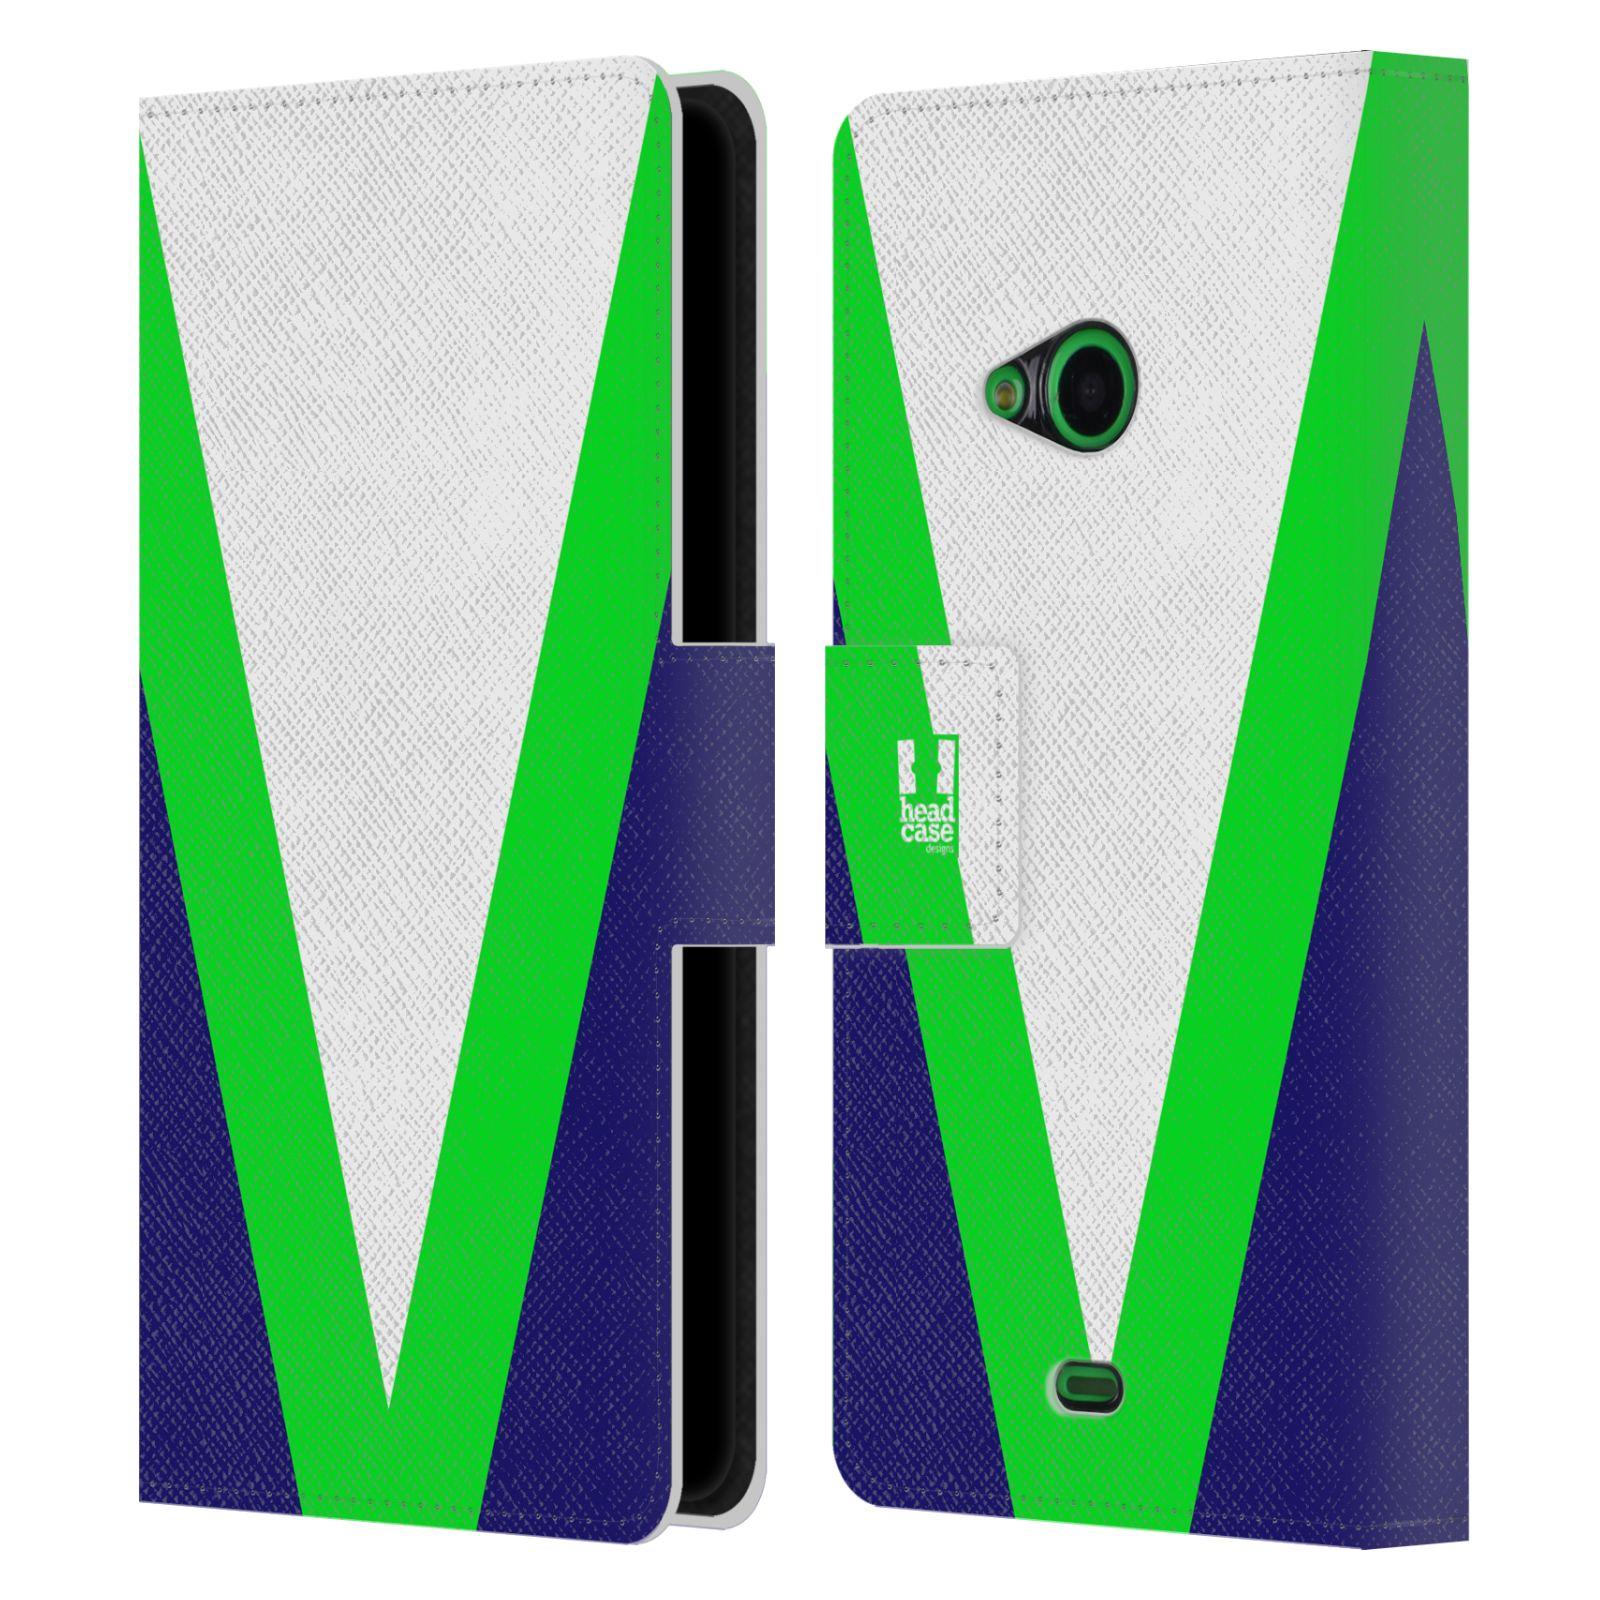 HEAD CASE Flipové pouzdro pro mobil Nokia LUMIA 535 barevné tvary zelená a modrá